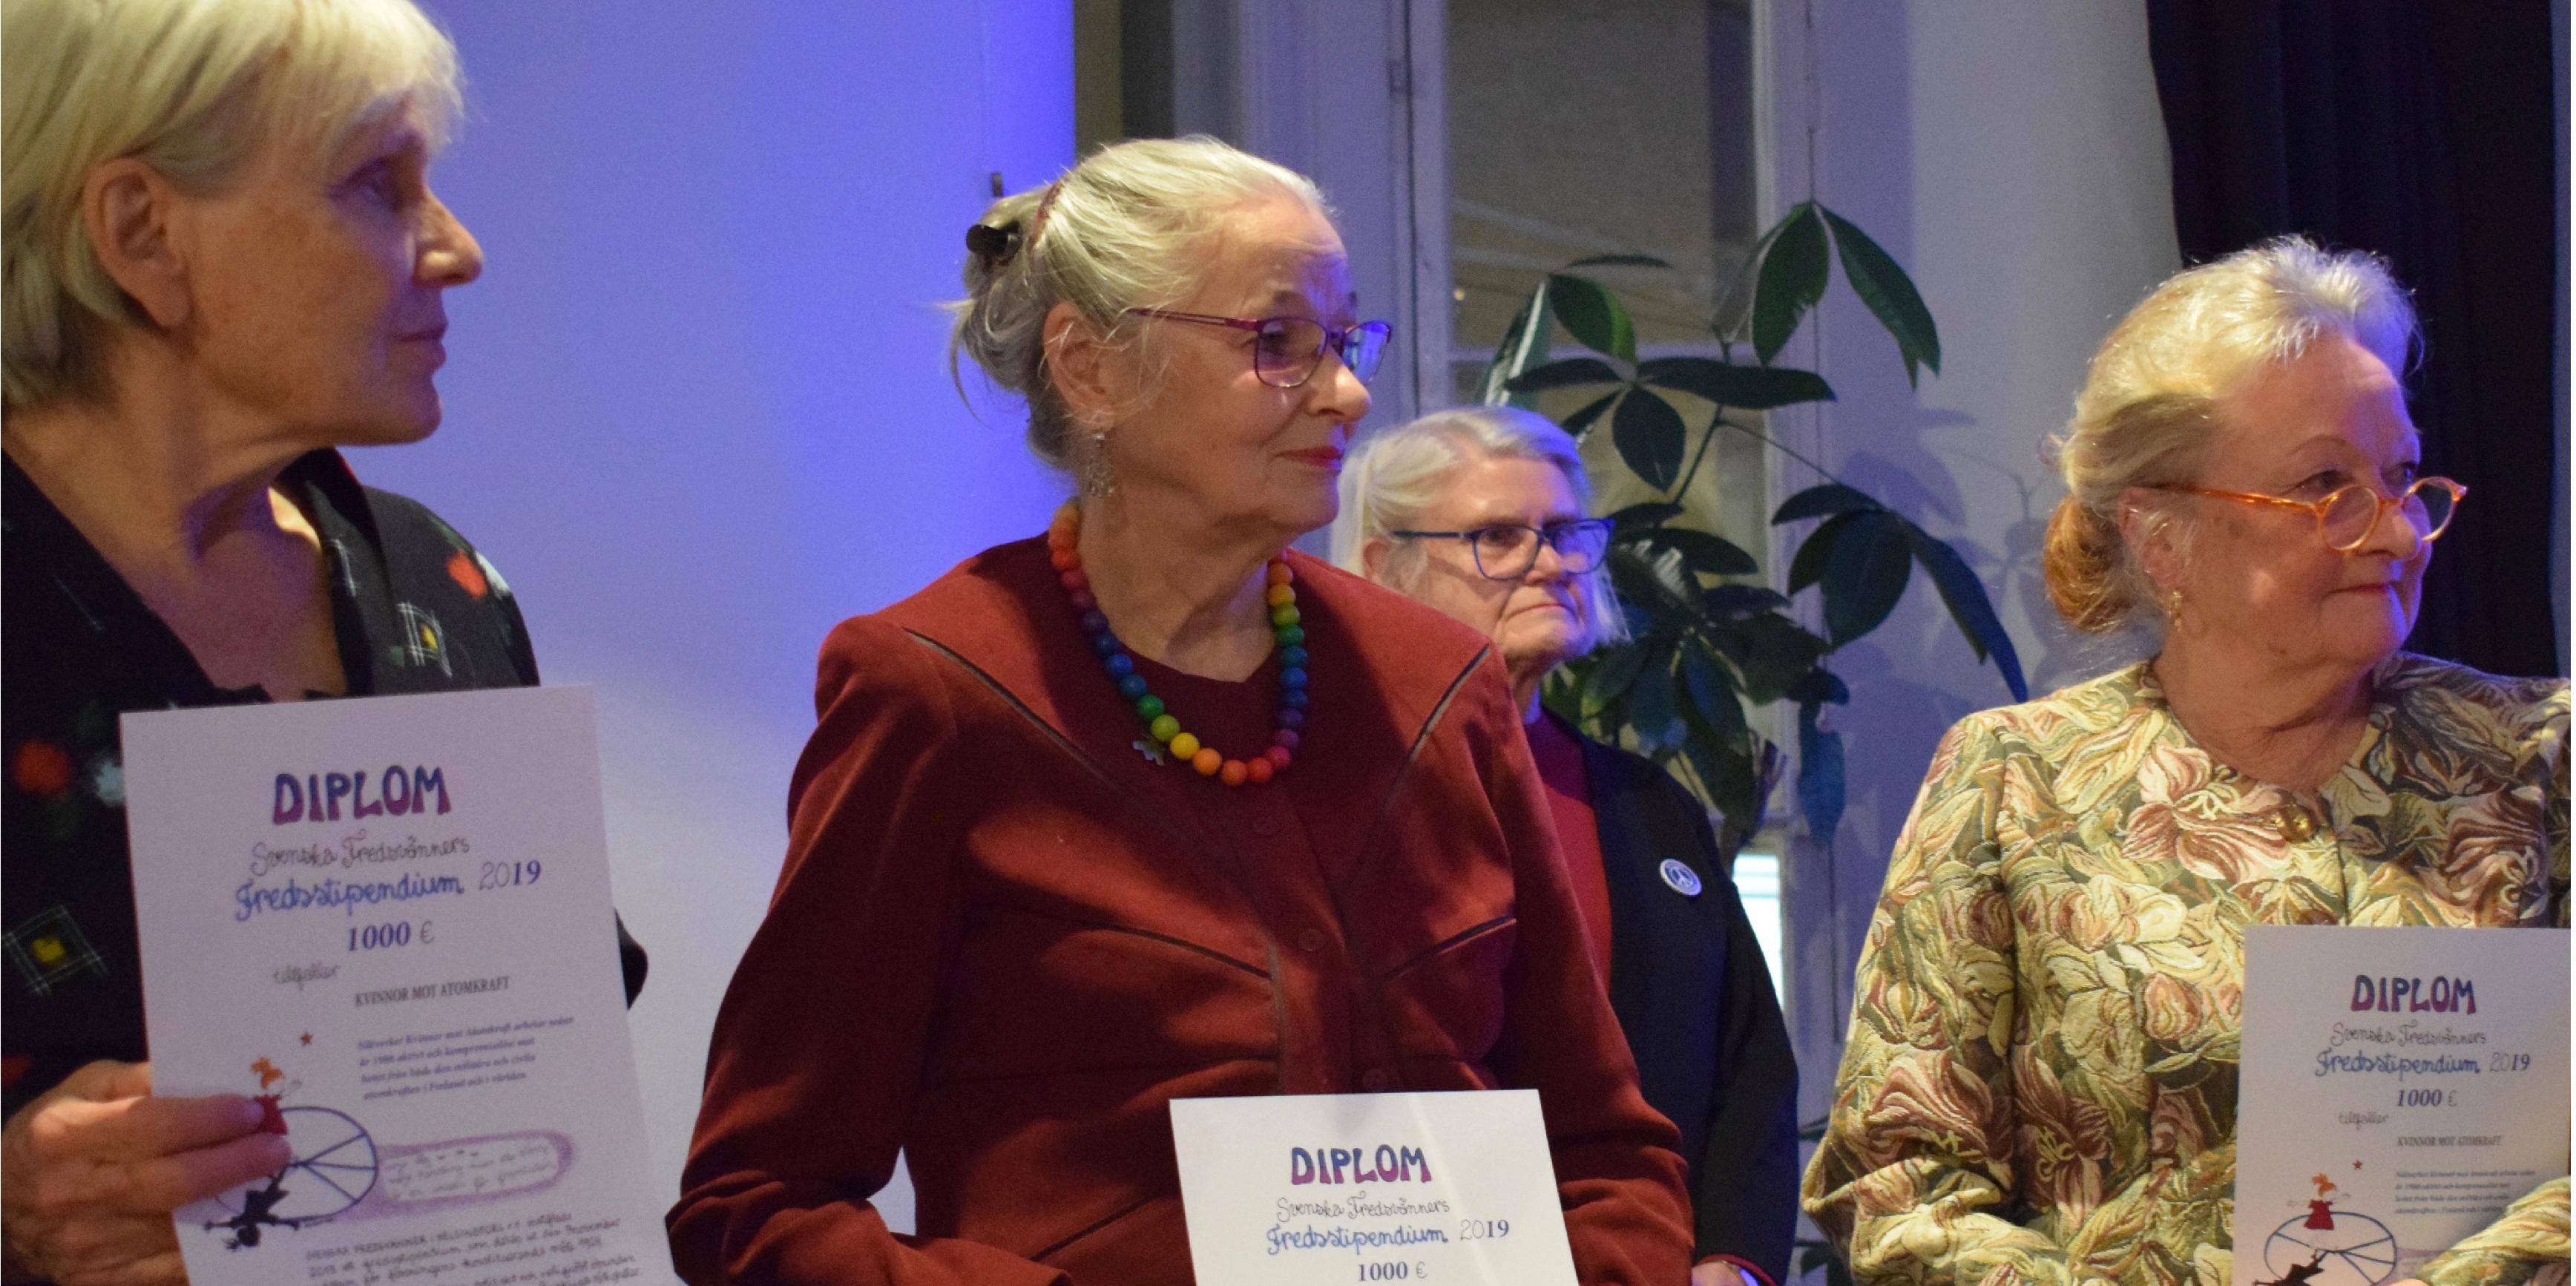 Pirkko Lindberg, Lea Launokari ja Ulla Klötzer vastaanottamassa rauhanpalkintoa.